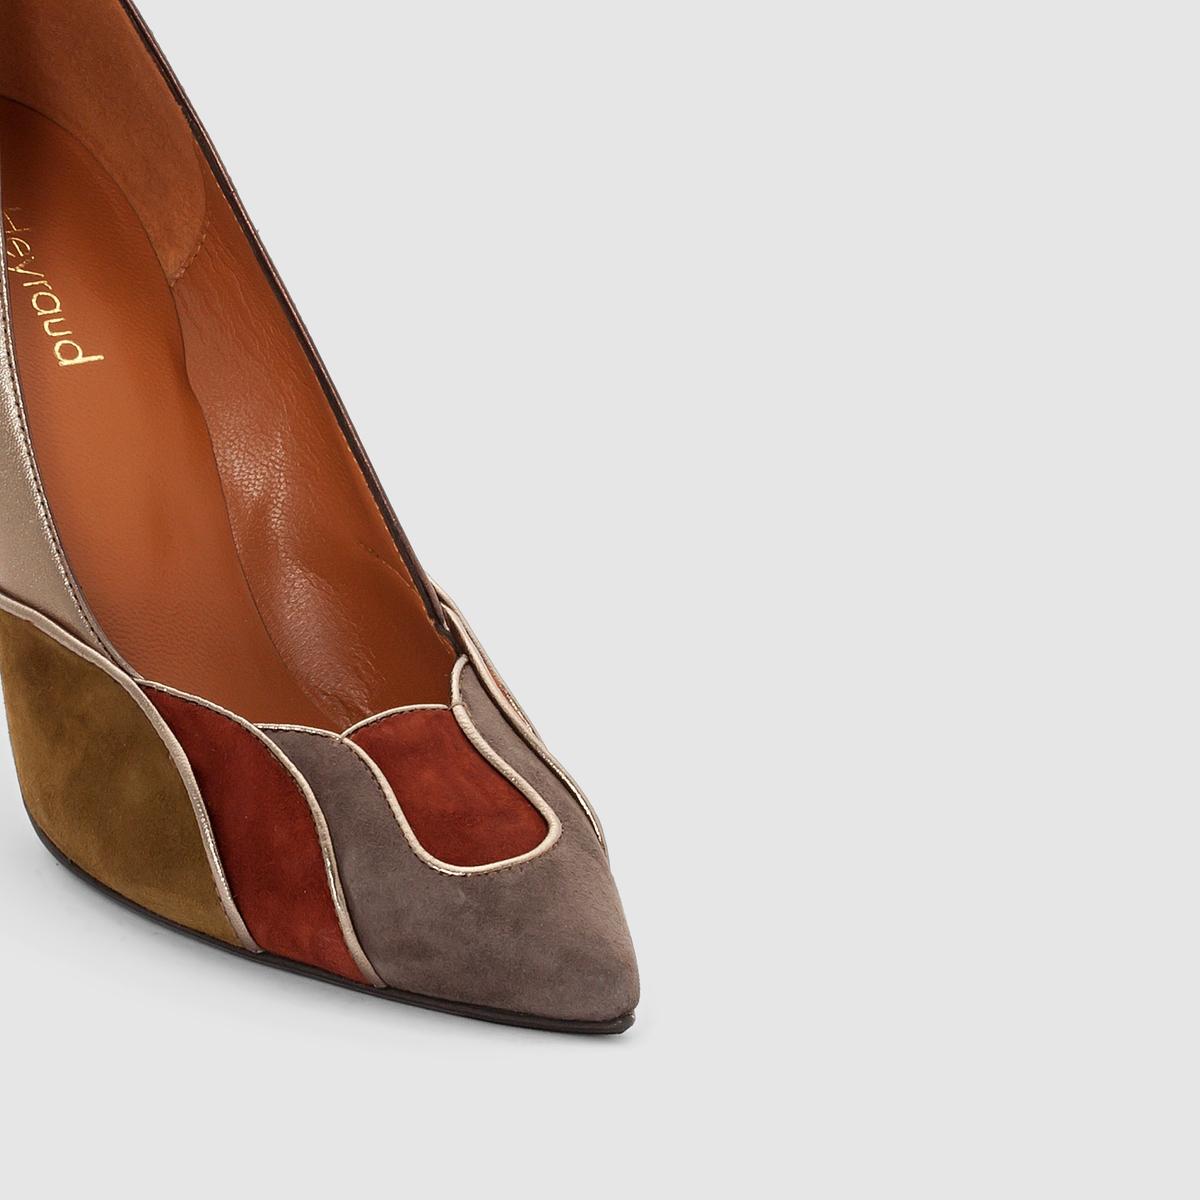 Туфли кожаные на шпильке DonaВерх : голенище из козьей кожи         Подкладка : кожа Стелька : кожа Подошва : кожа Высота каблука : 9 см Форма каблука : шпилька Мысок : заостренный Застежка : без застежки<br><br>Цвет: бронзовый<br>Размер: 36